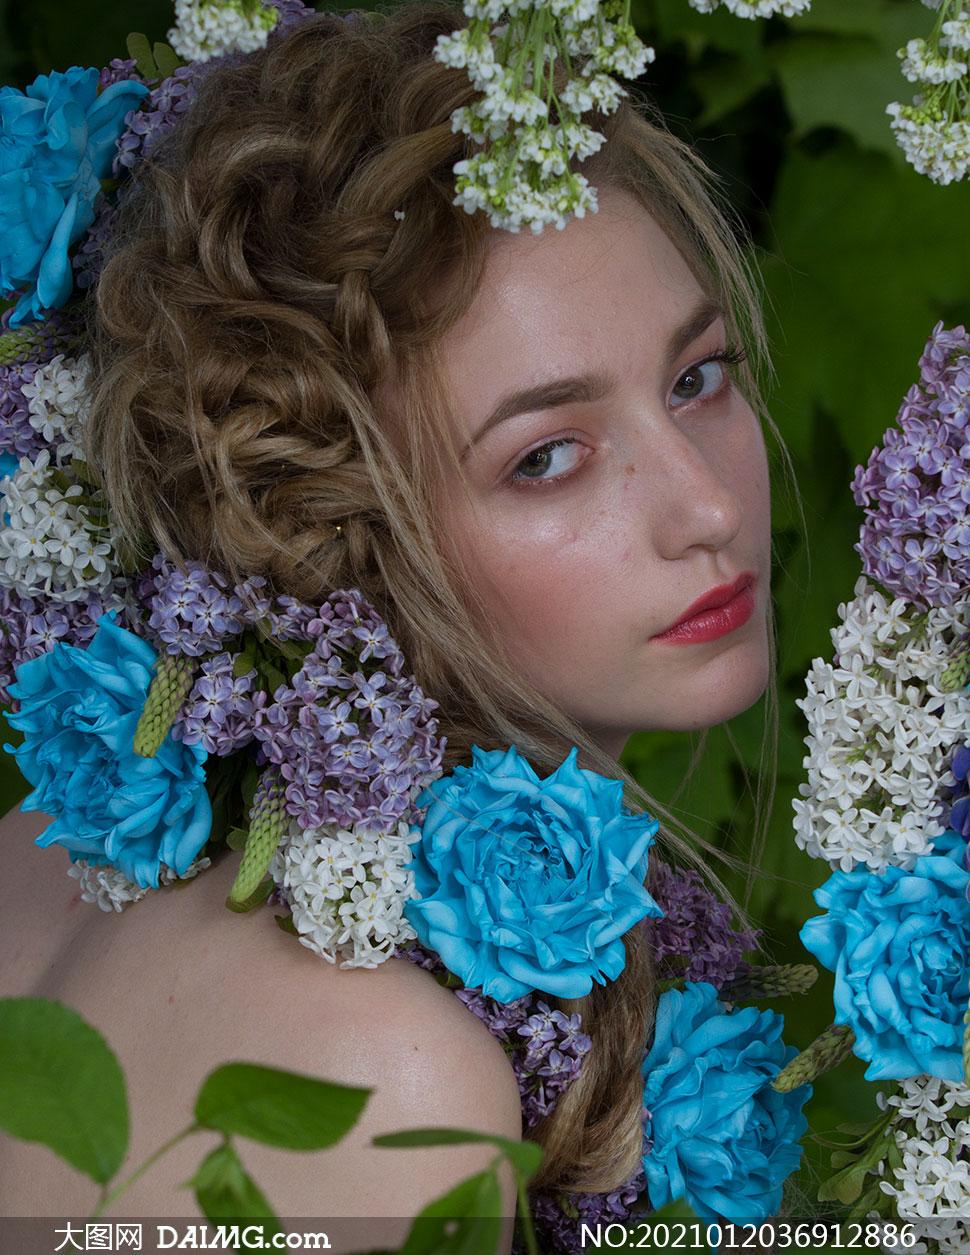 丁香等花朵装饰的美女摄影原片素材